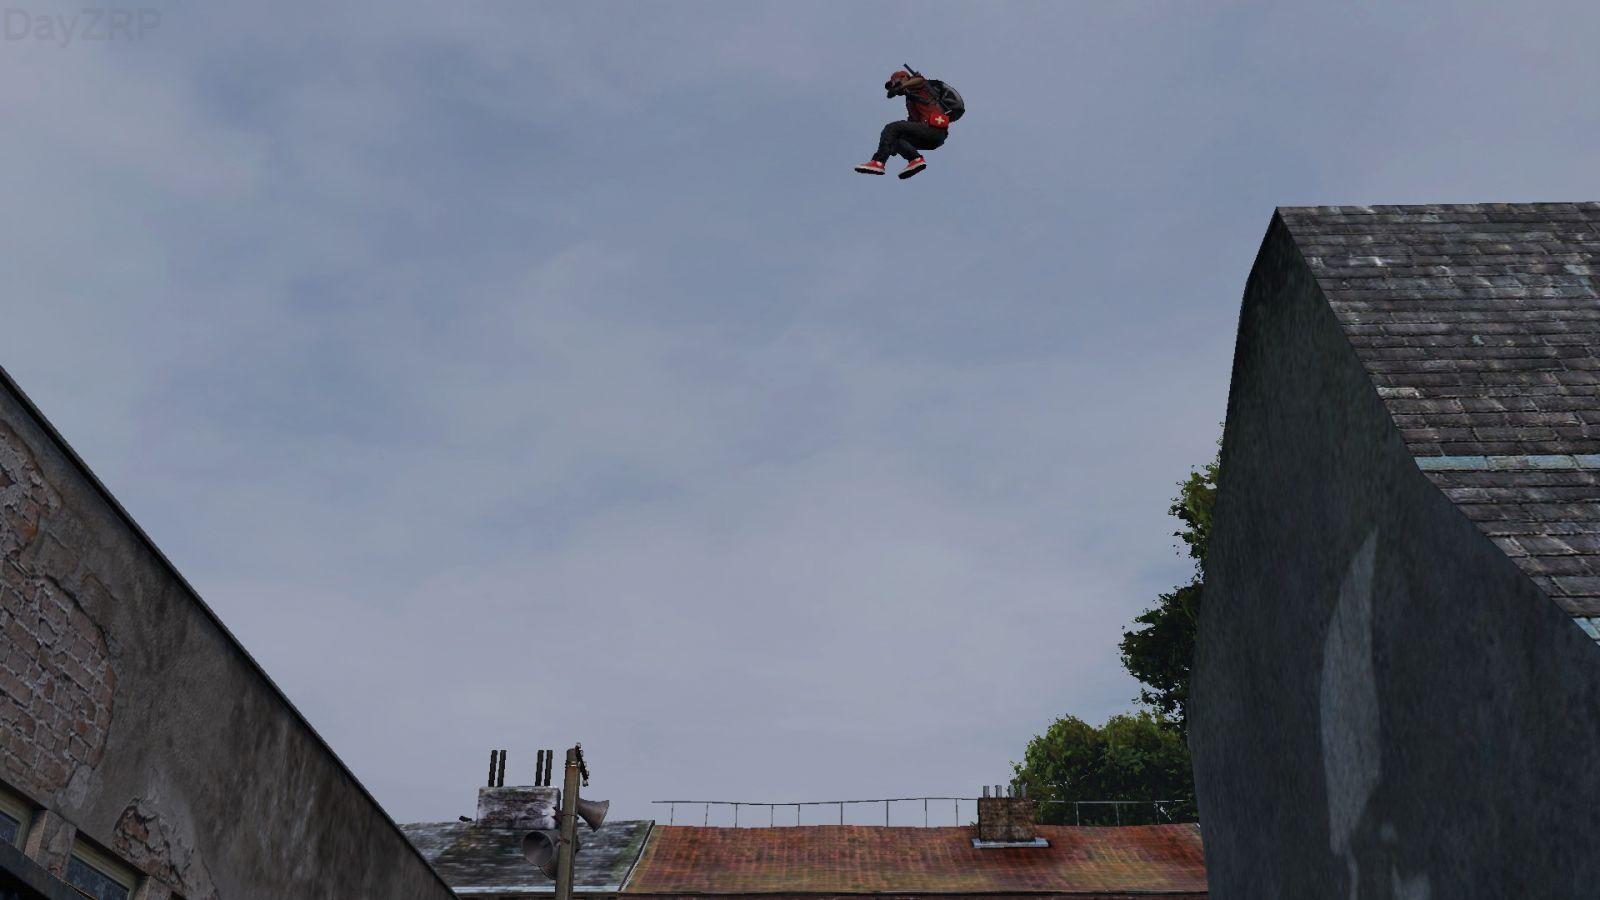 A Bigger Leap